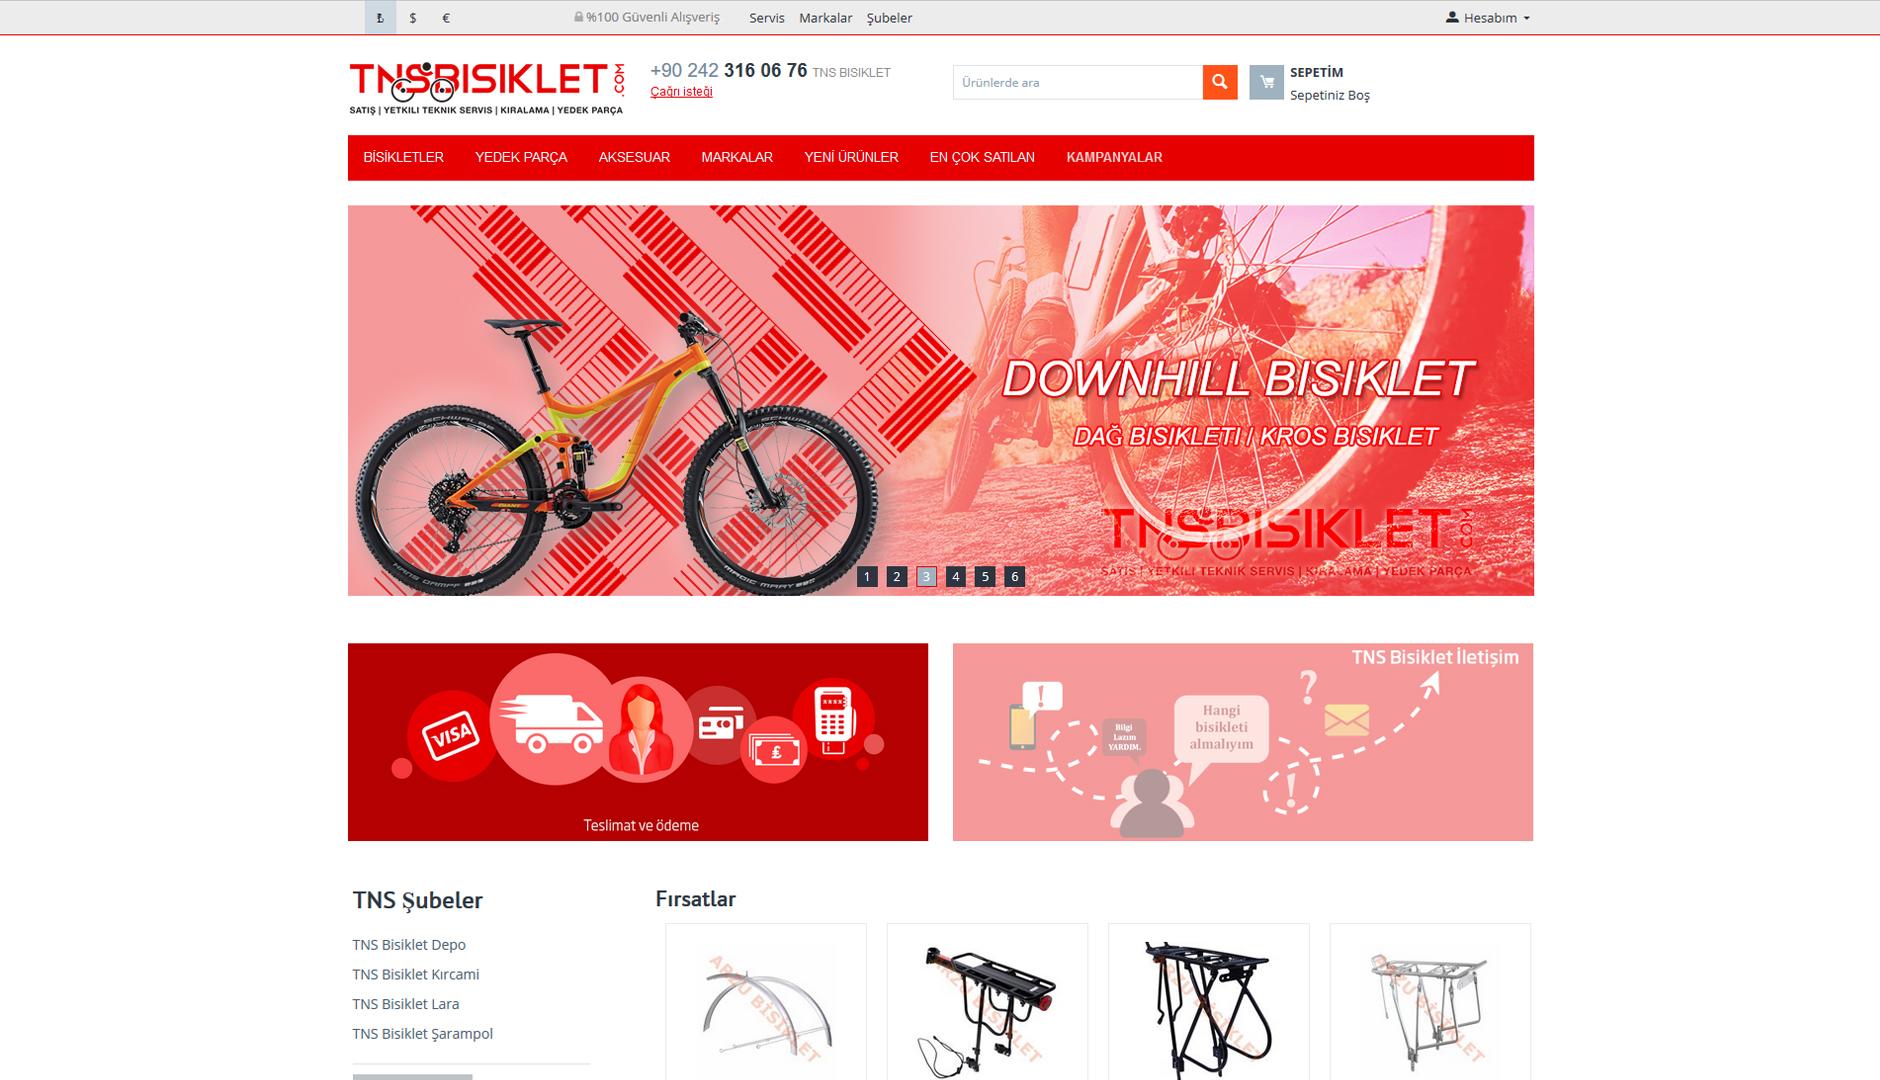 TNS Bisiklet Online Shop